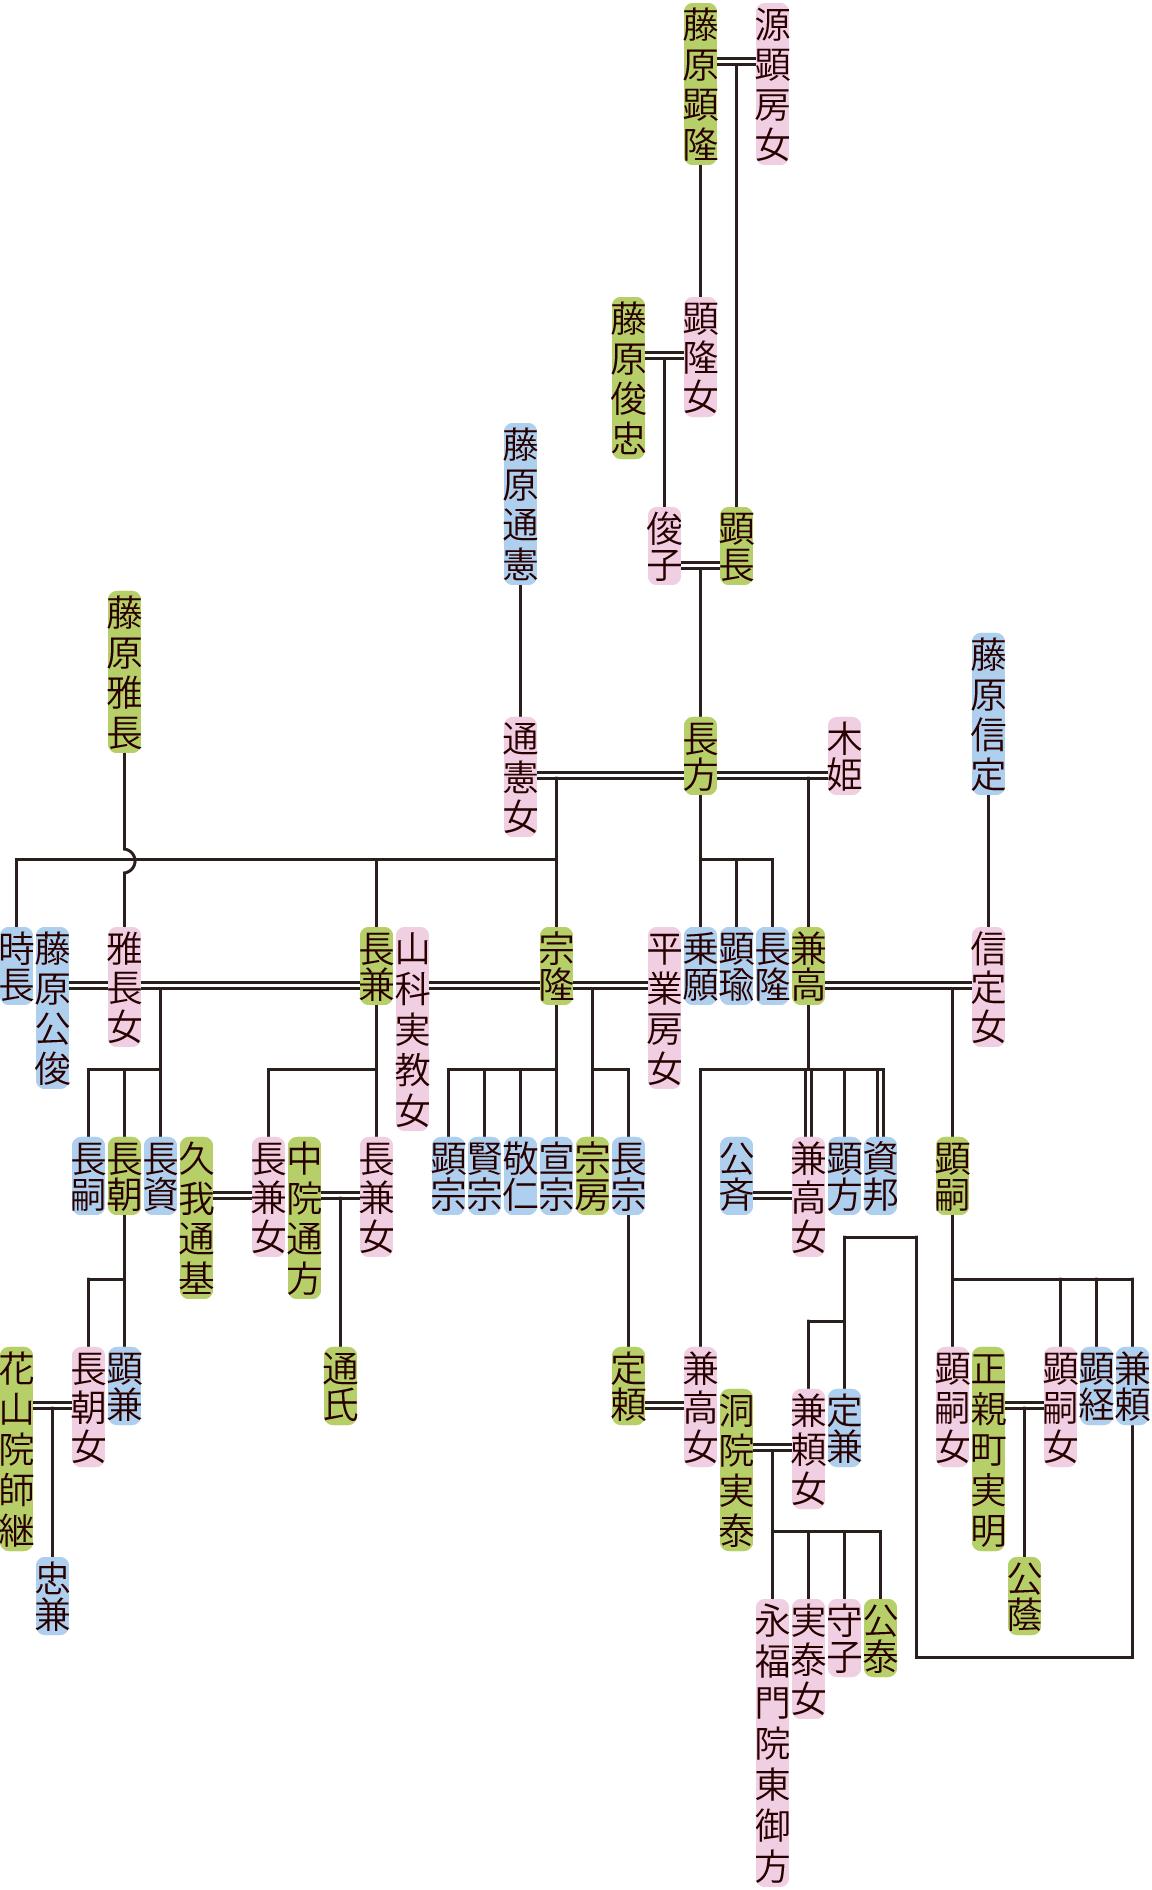 藤原長方の系図